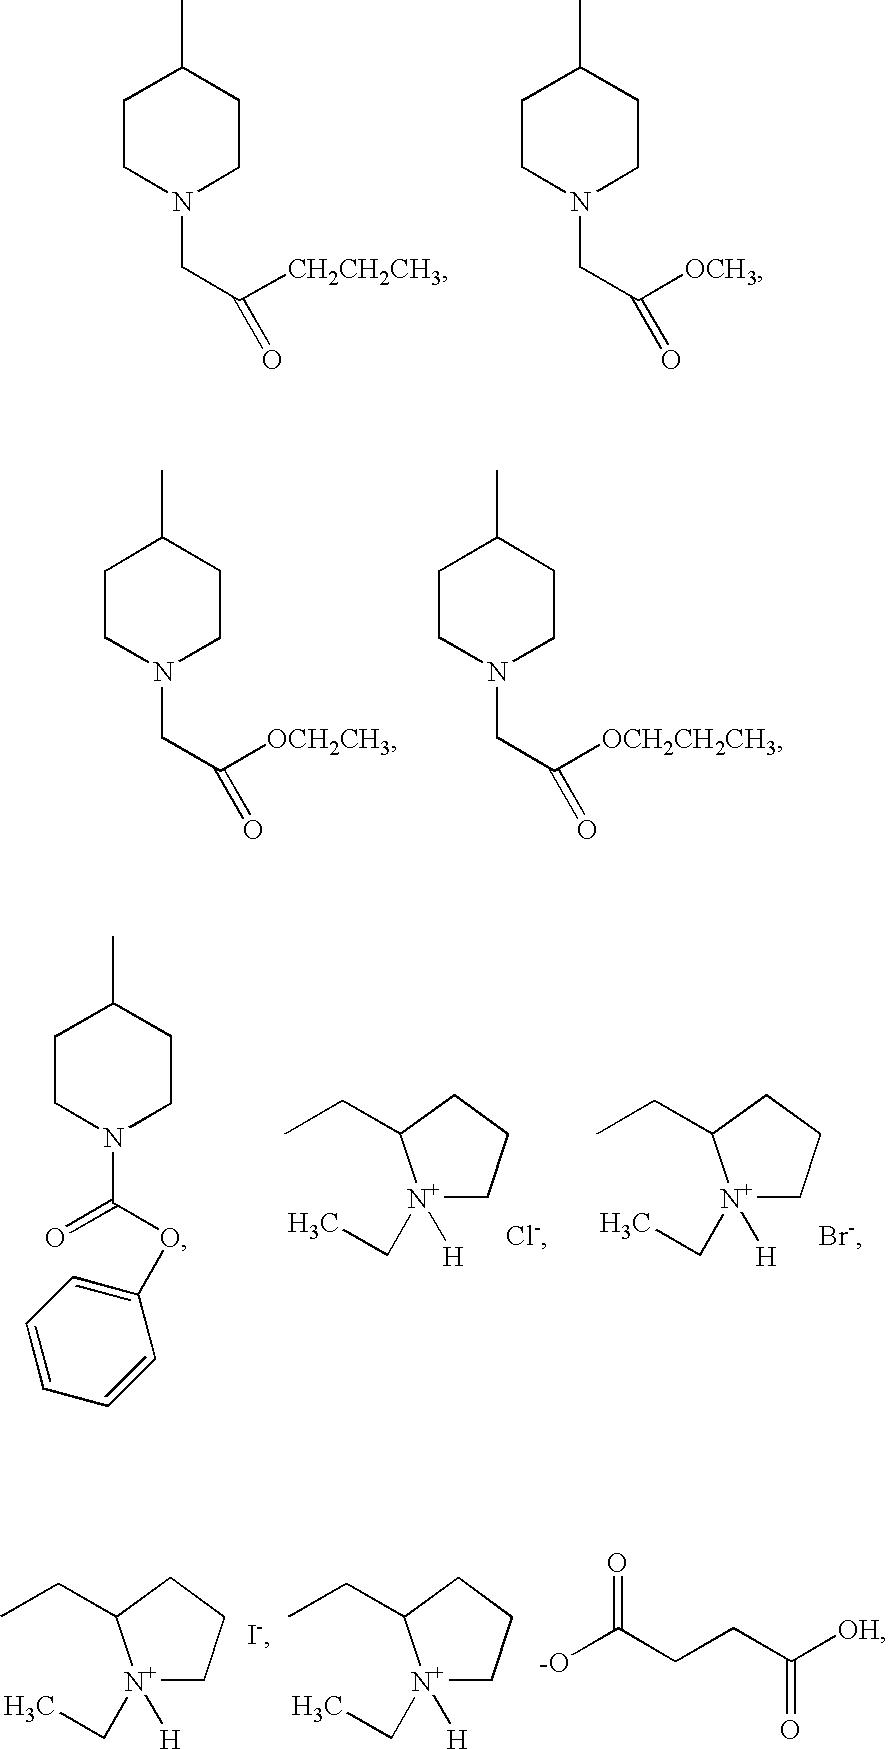 Figure US07112587-20060926-C00126